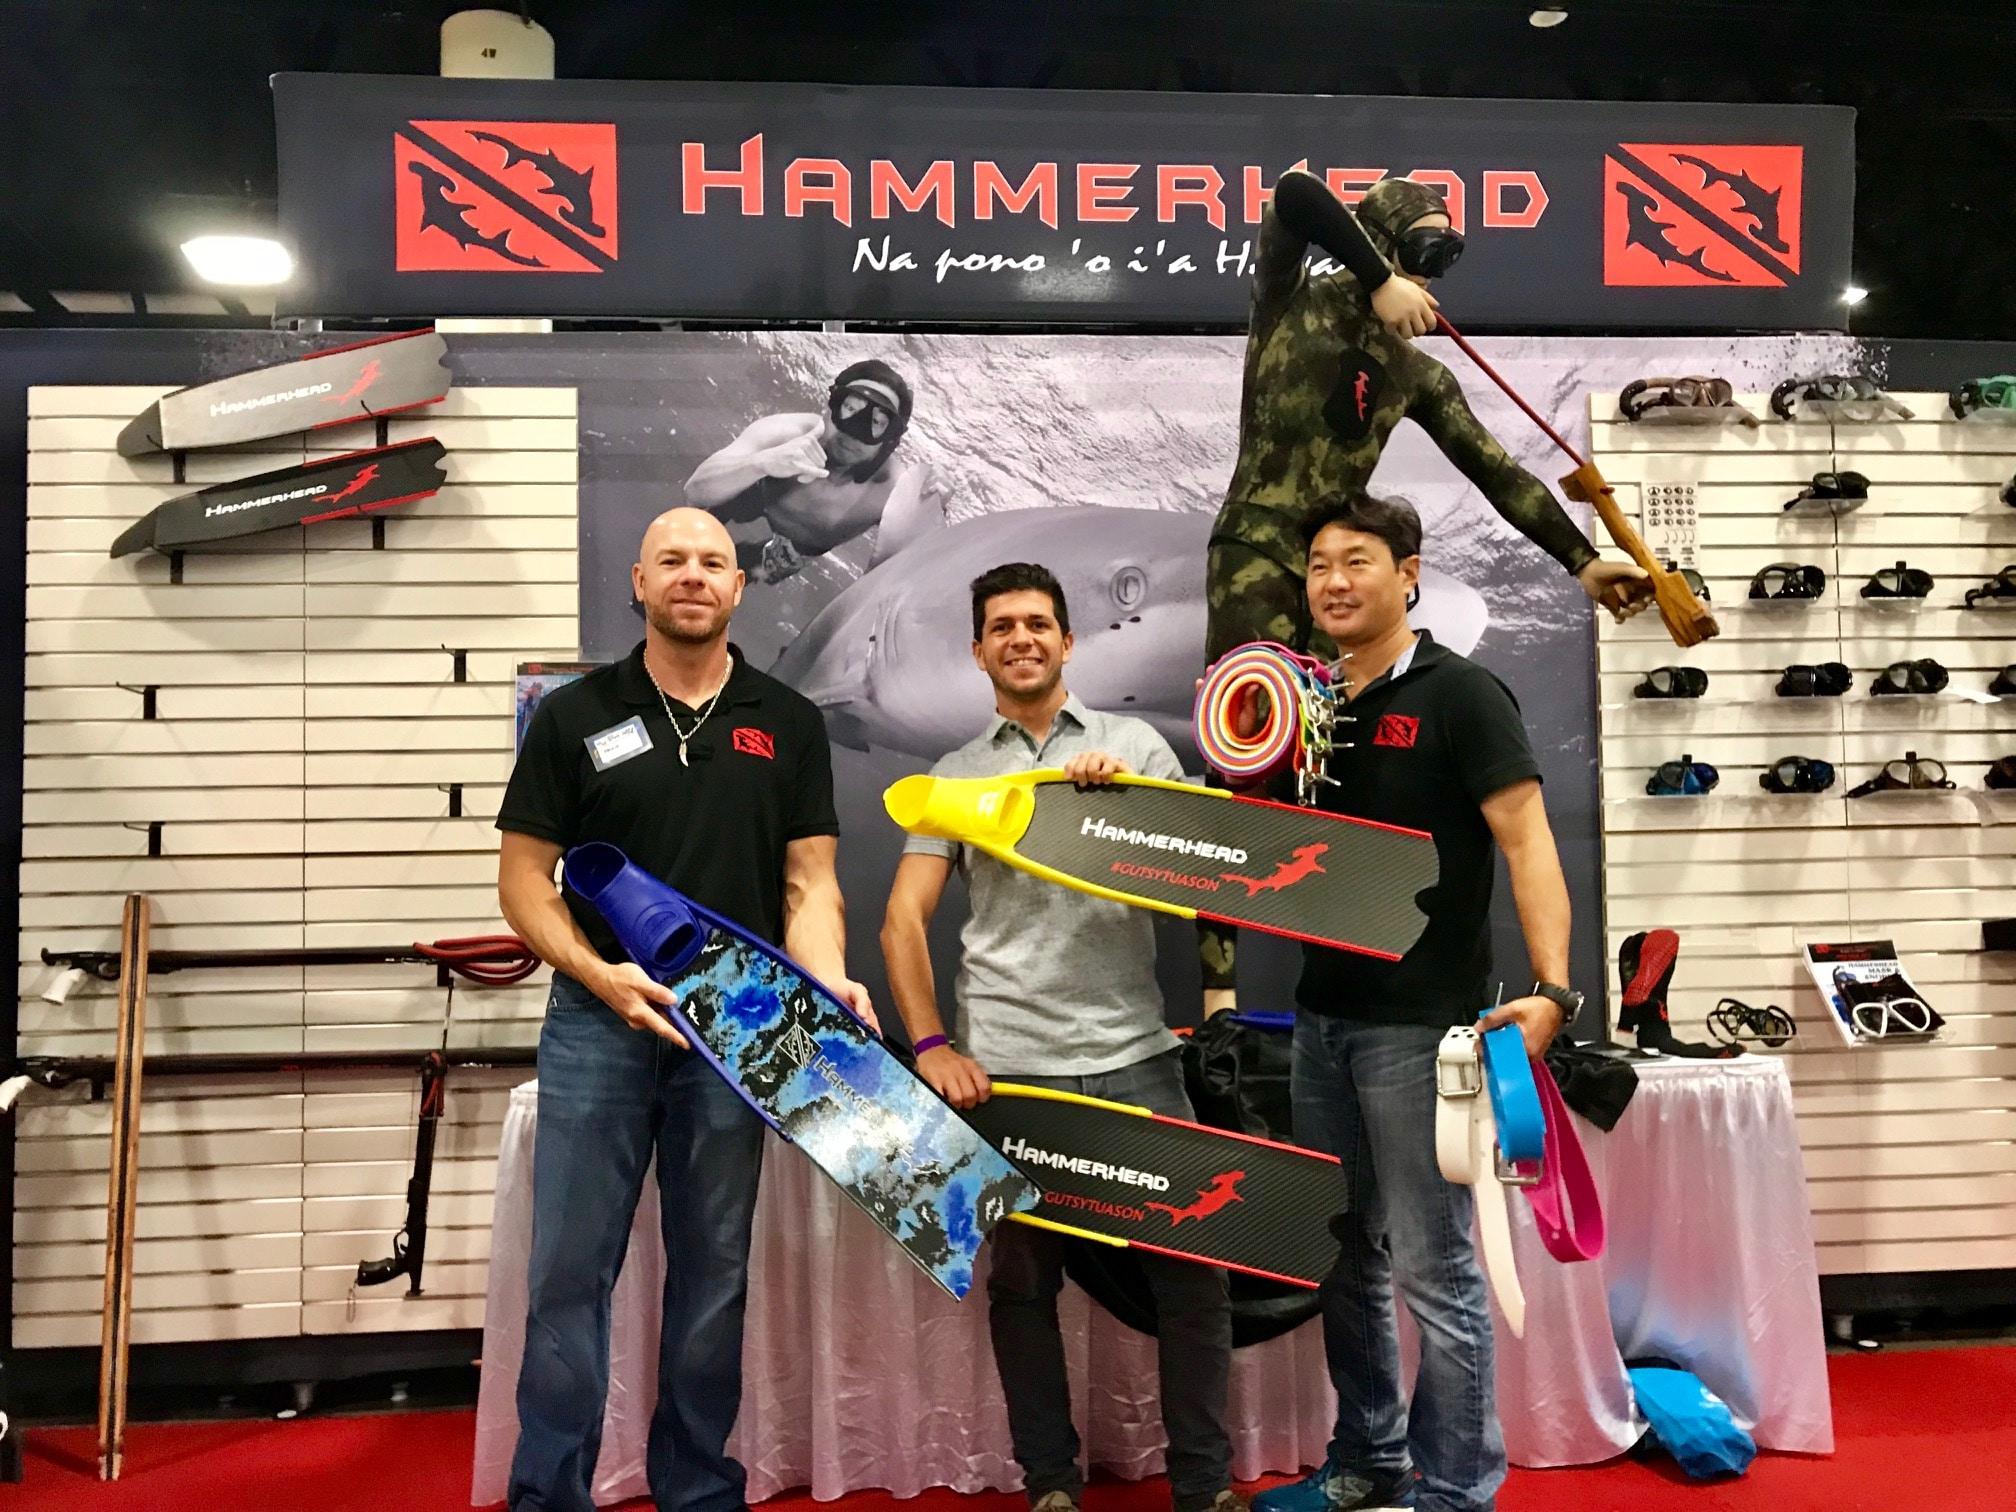 Hammerhead Spearguns